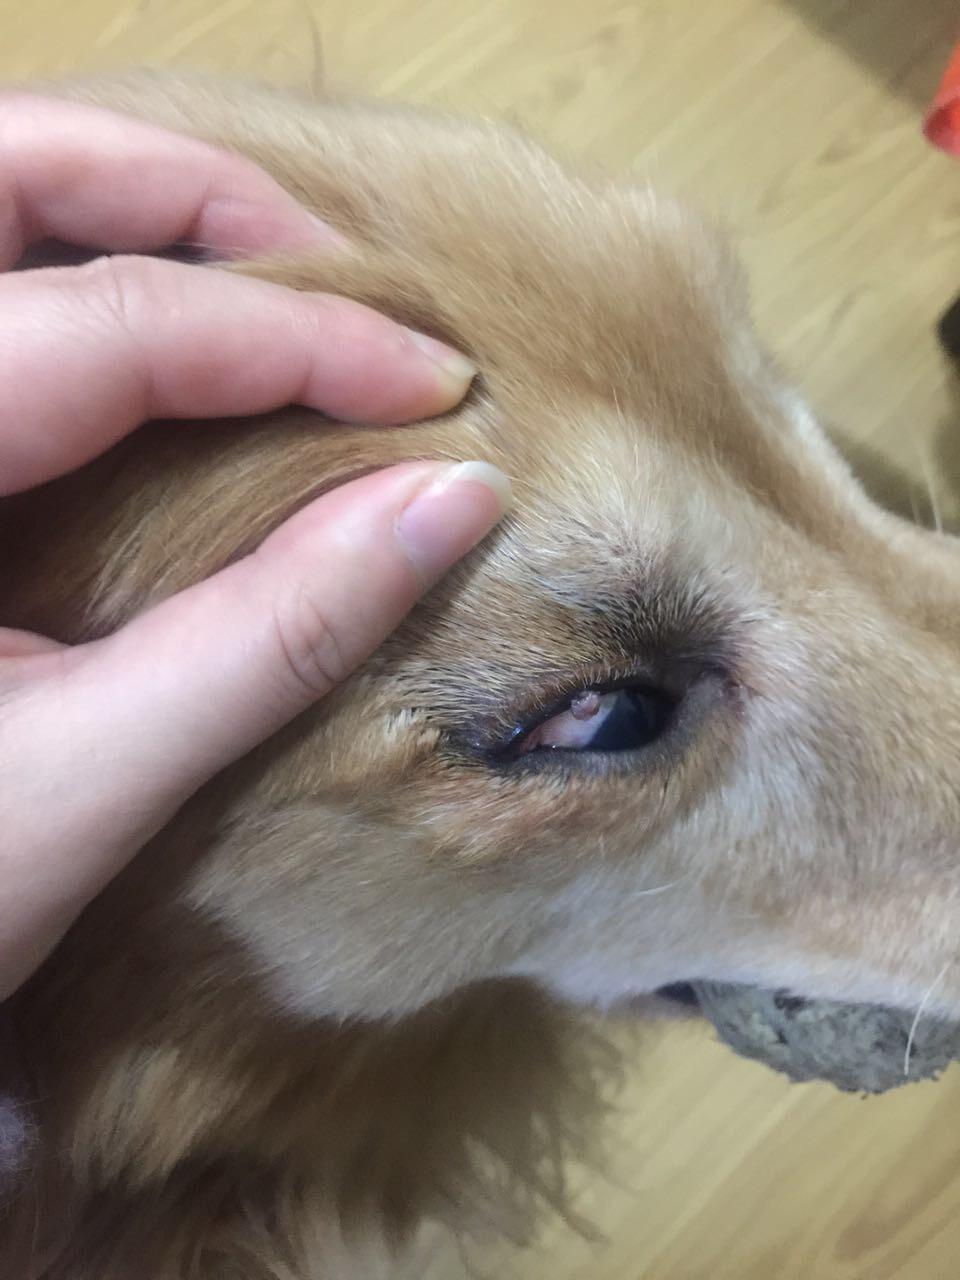 狗狗眼睛上長了一個肉瘤 頭上有兩個 - 萌爪醫生